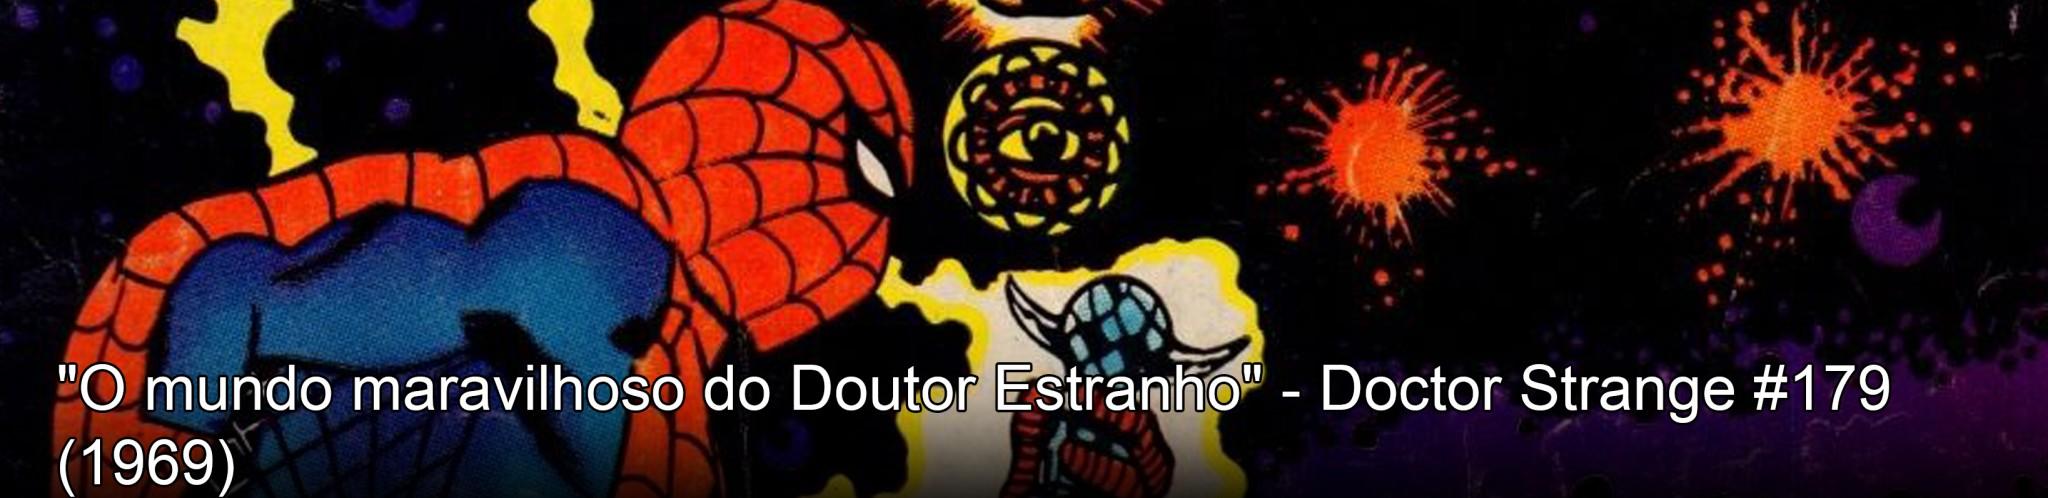 por Stan Lee e Steve Ditko